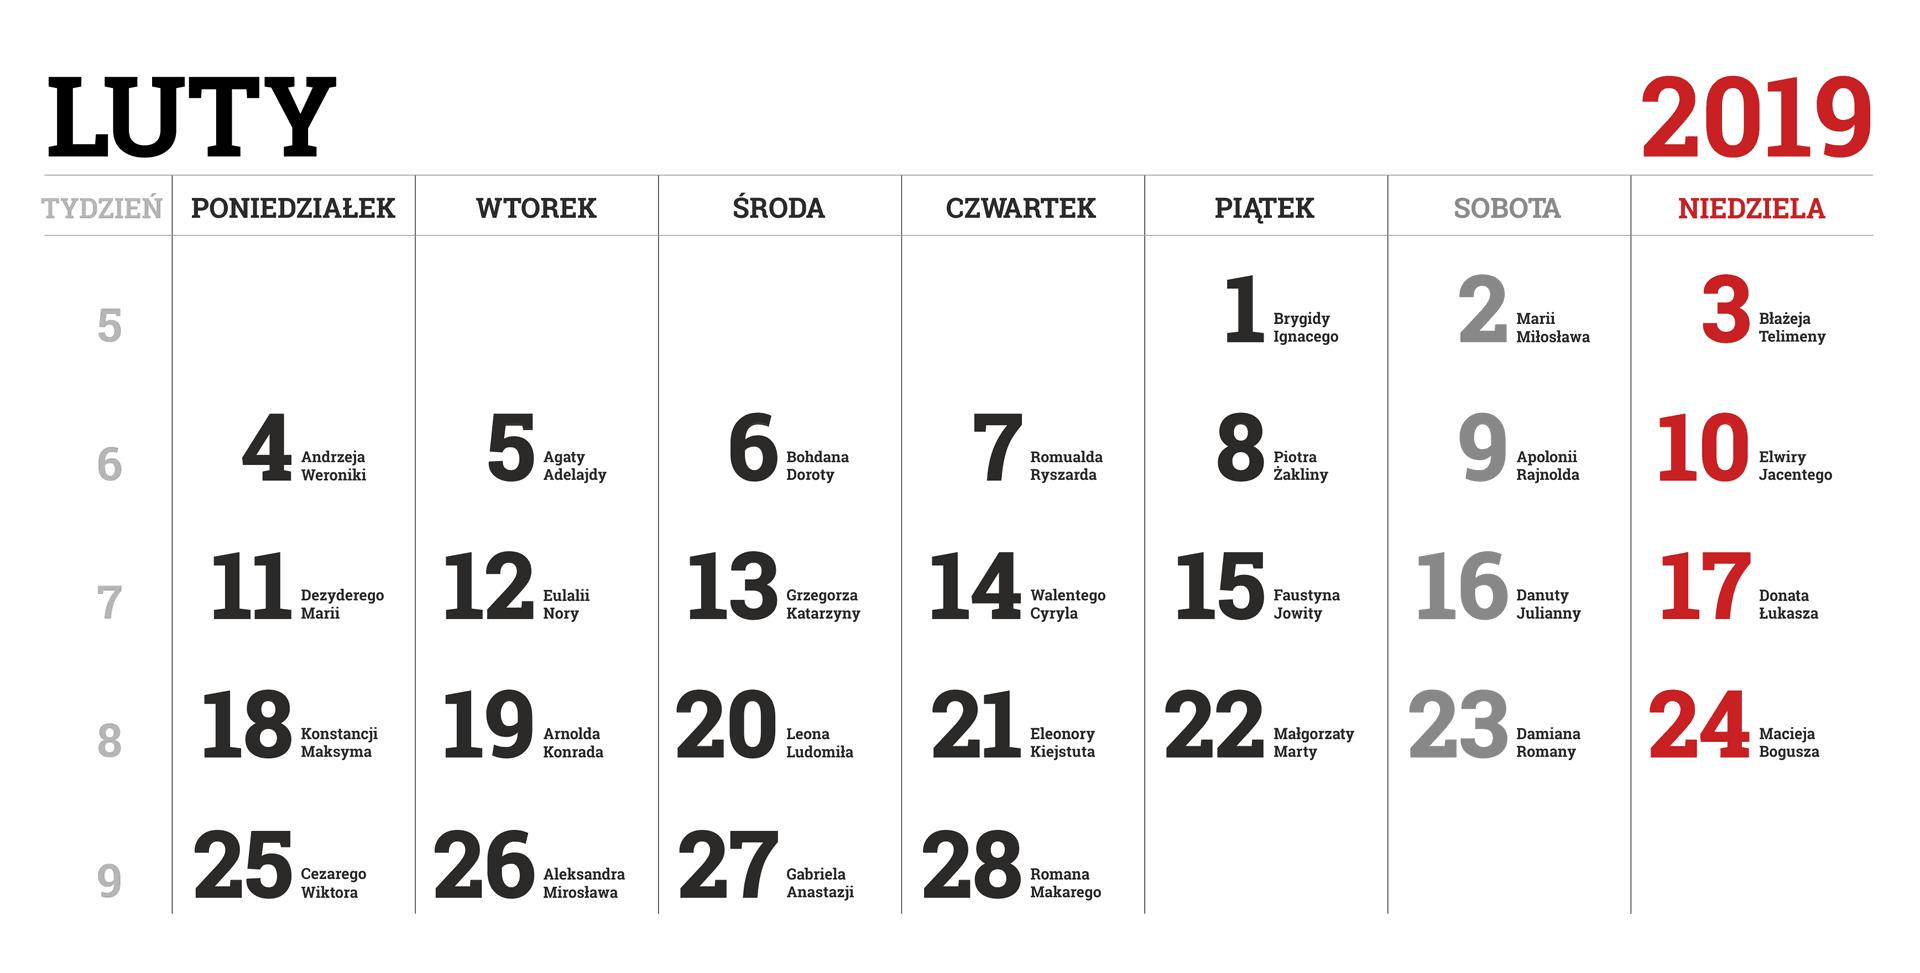 Kalendarium miesiąca lutego 2019 roku